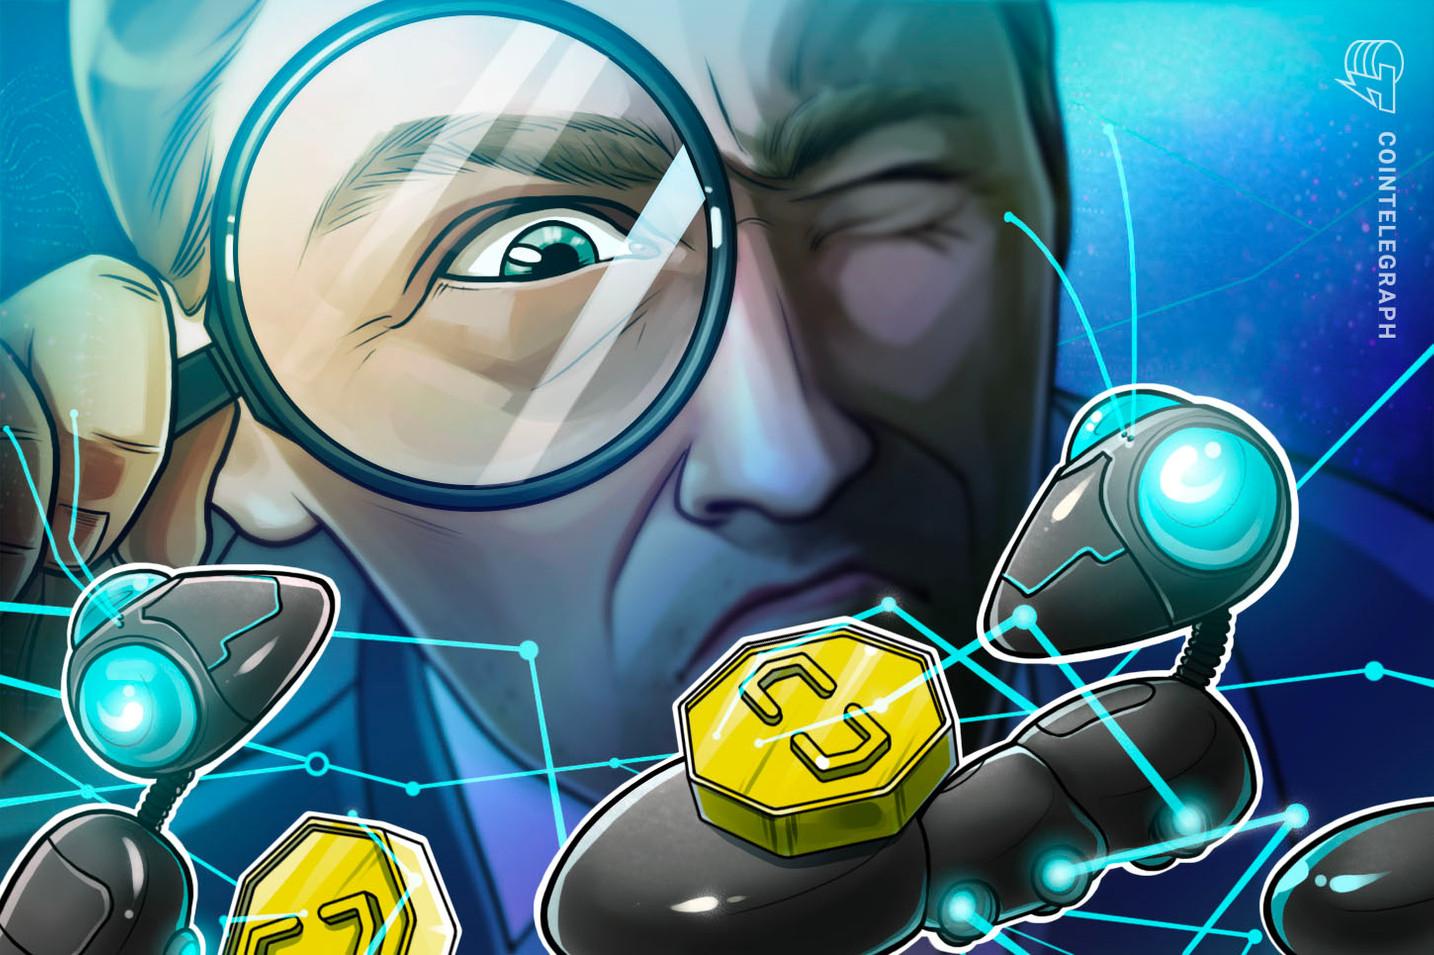 Sexta maior carteira de Bitcoin do mundo tem 80.000 BTC hackeados da exchange Mt. Gox